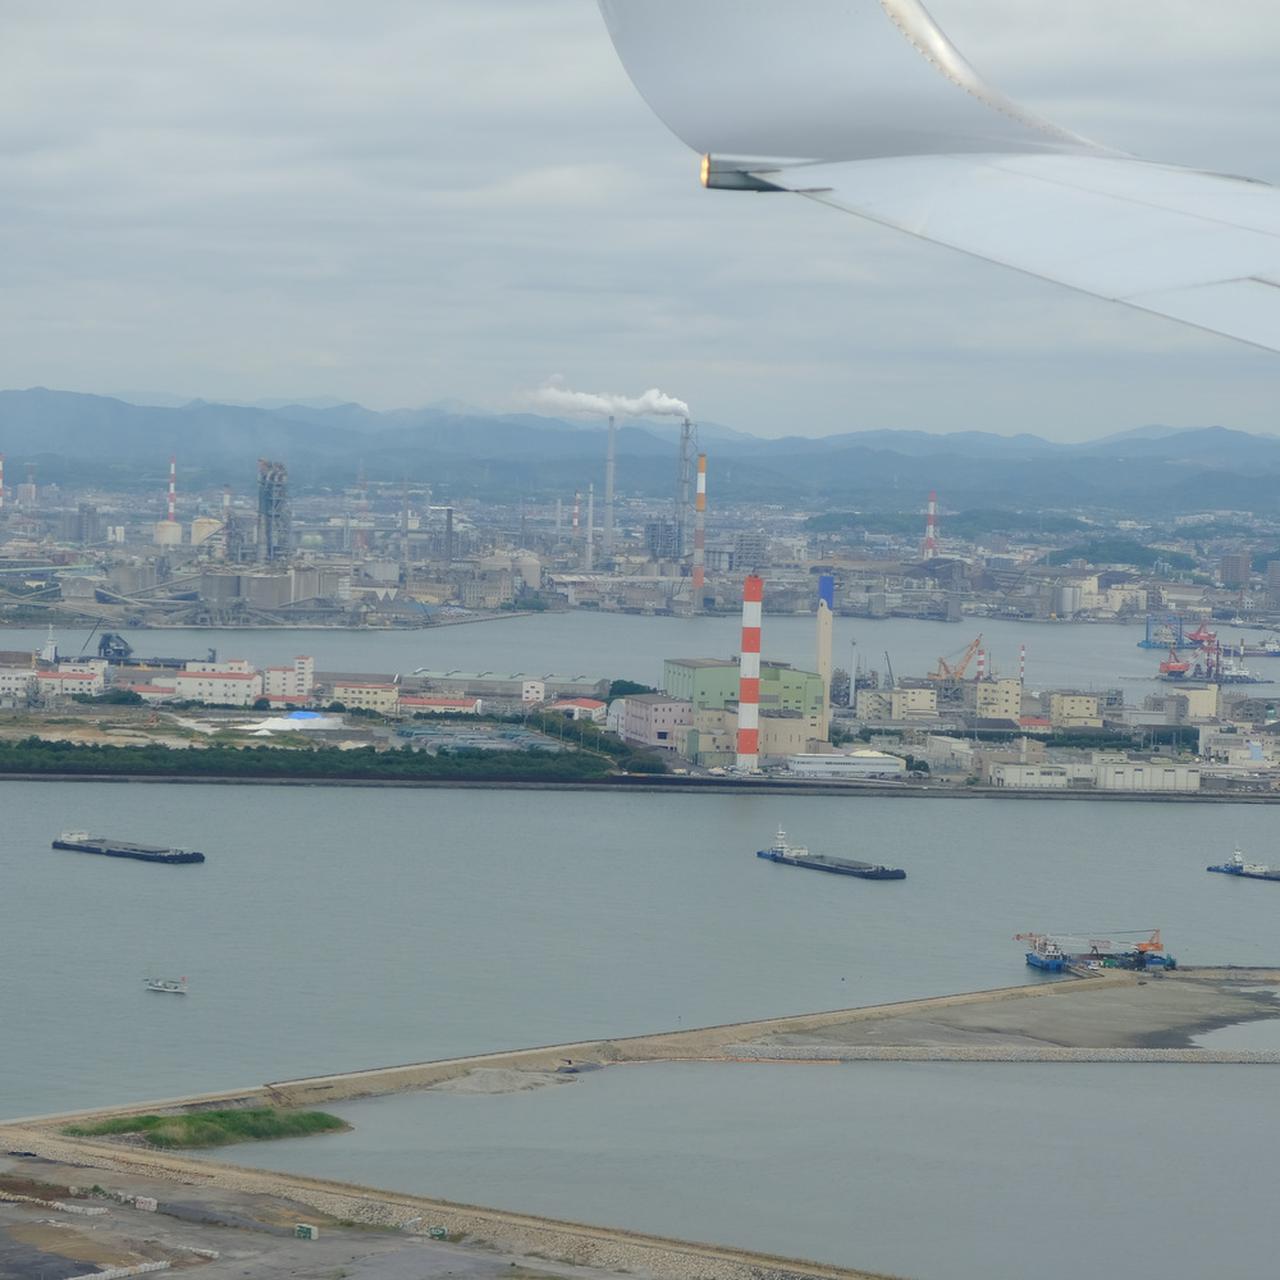 画像: 山口県宇部市の旅へ出発です。いよいよ着陸という時に、巨大な工場群が見えてきました。